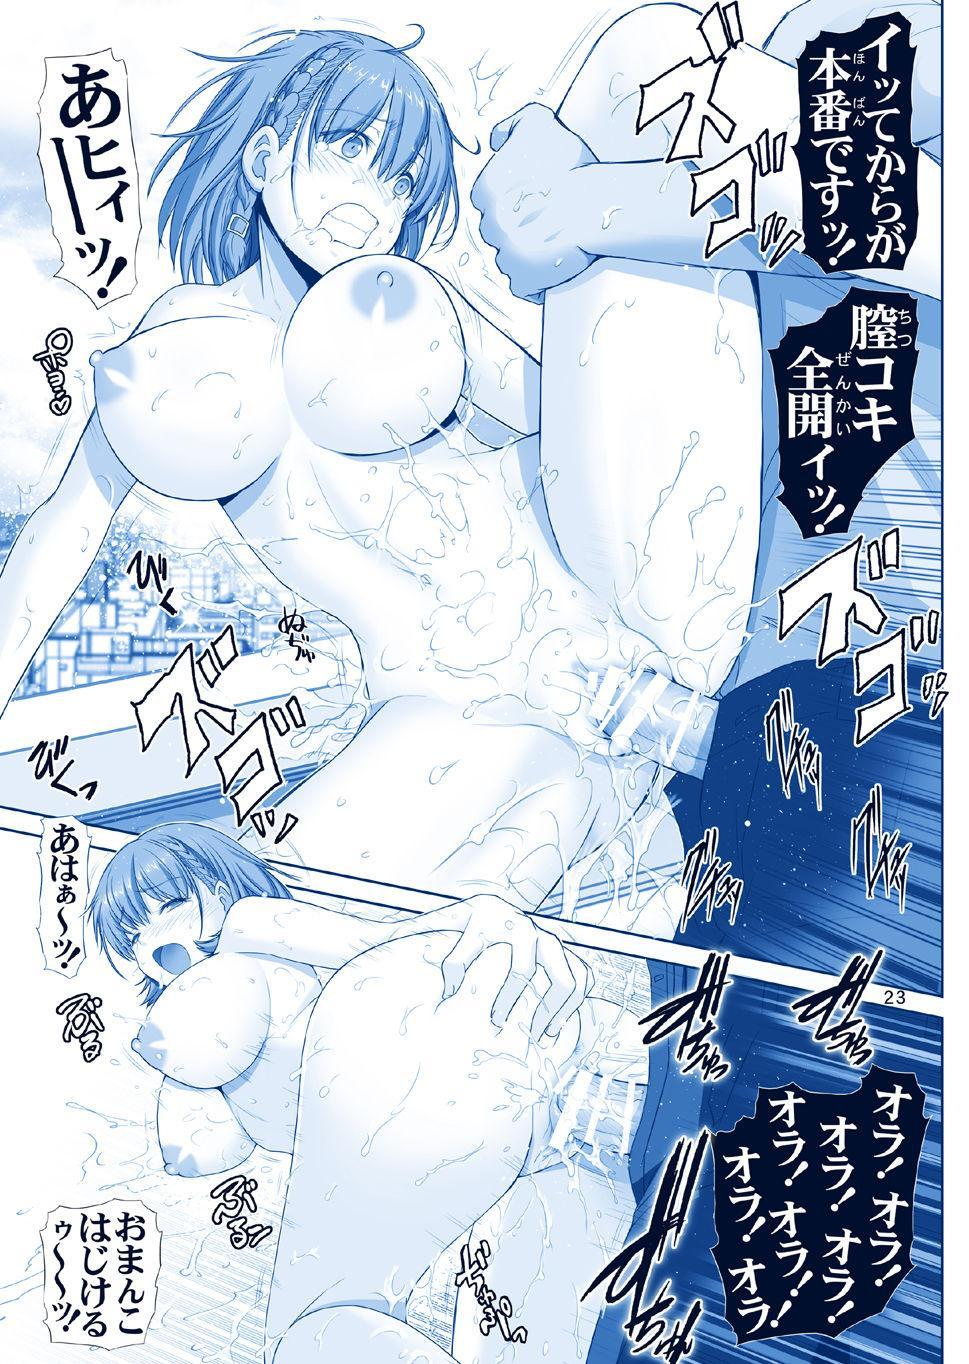 Tawawa no Kanshoku 3 22